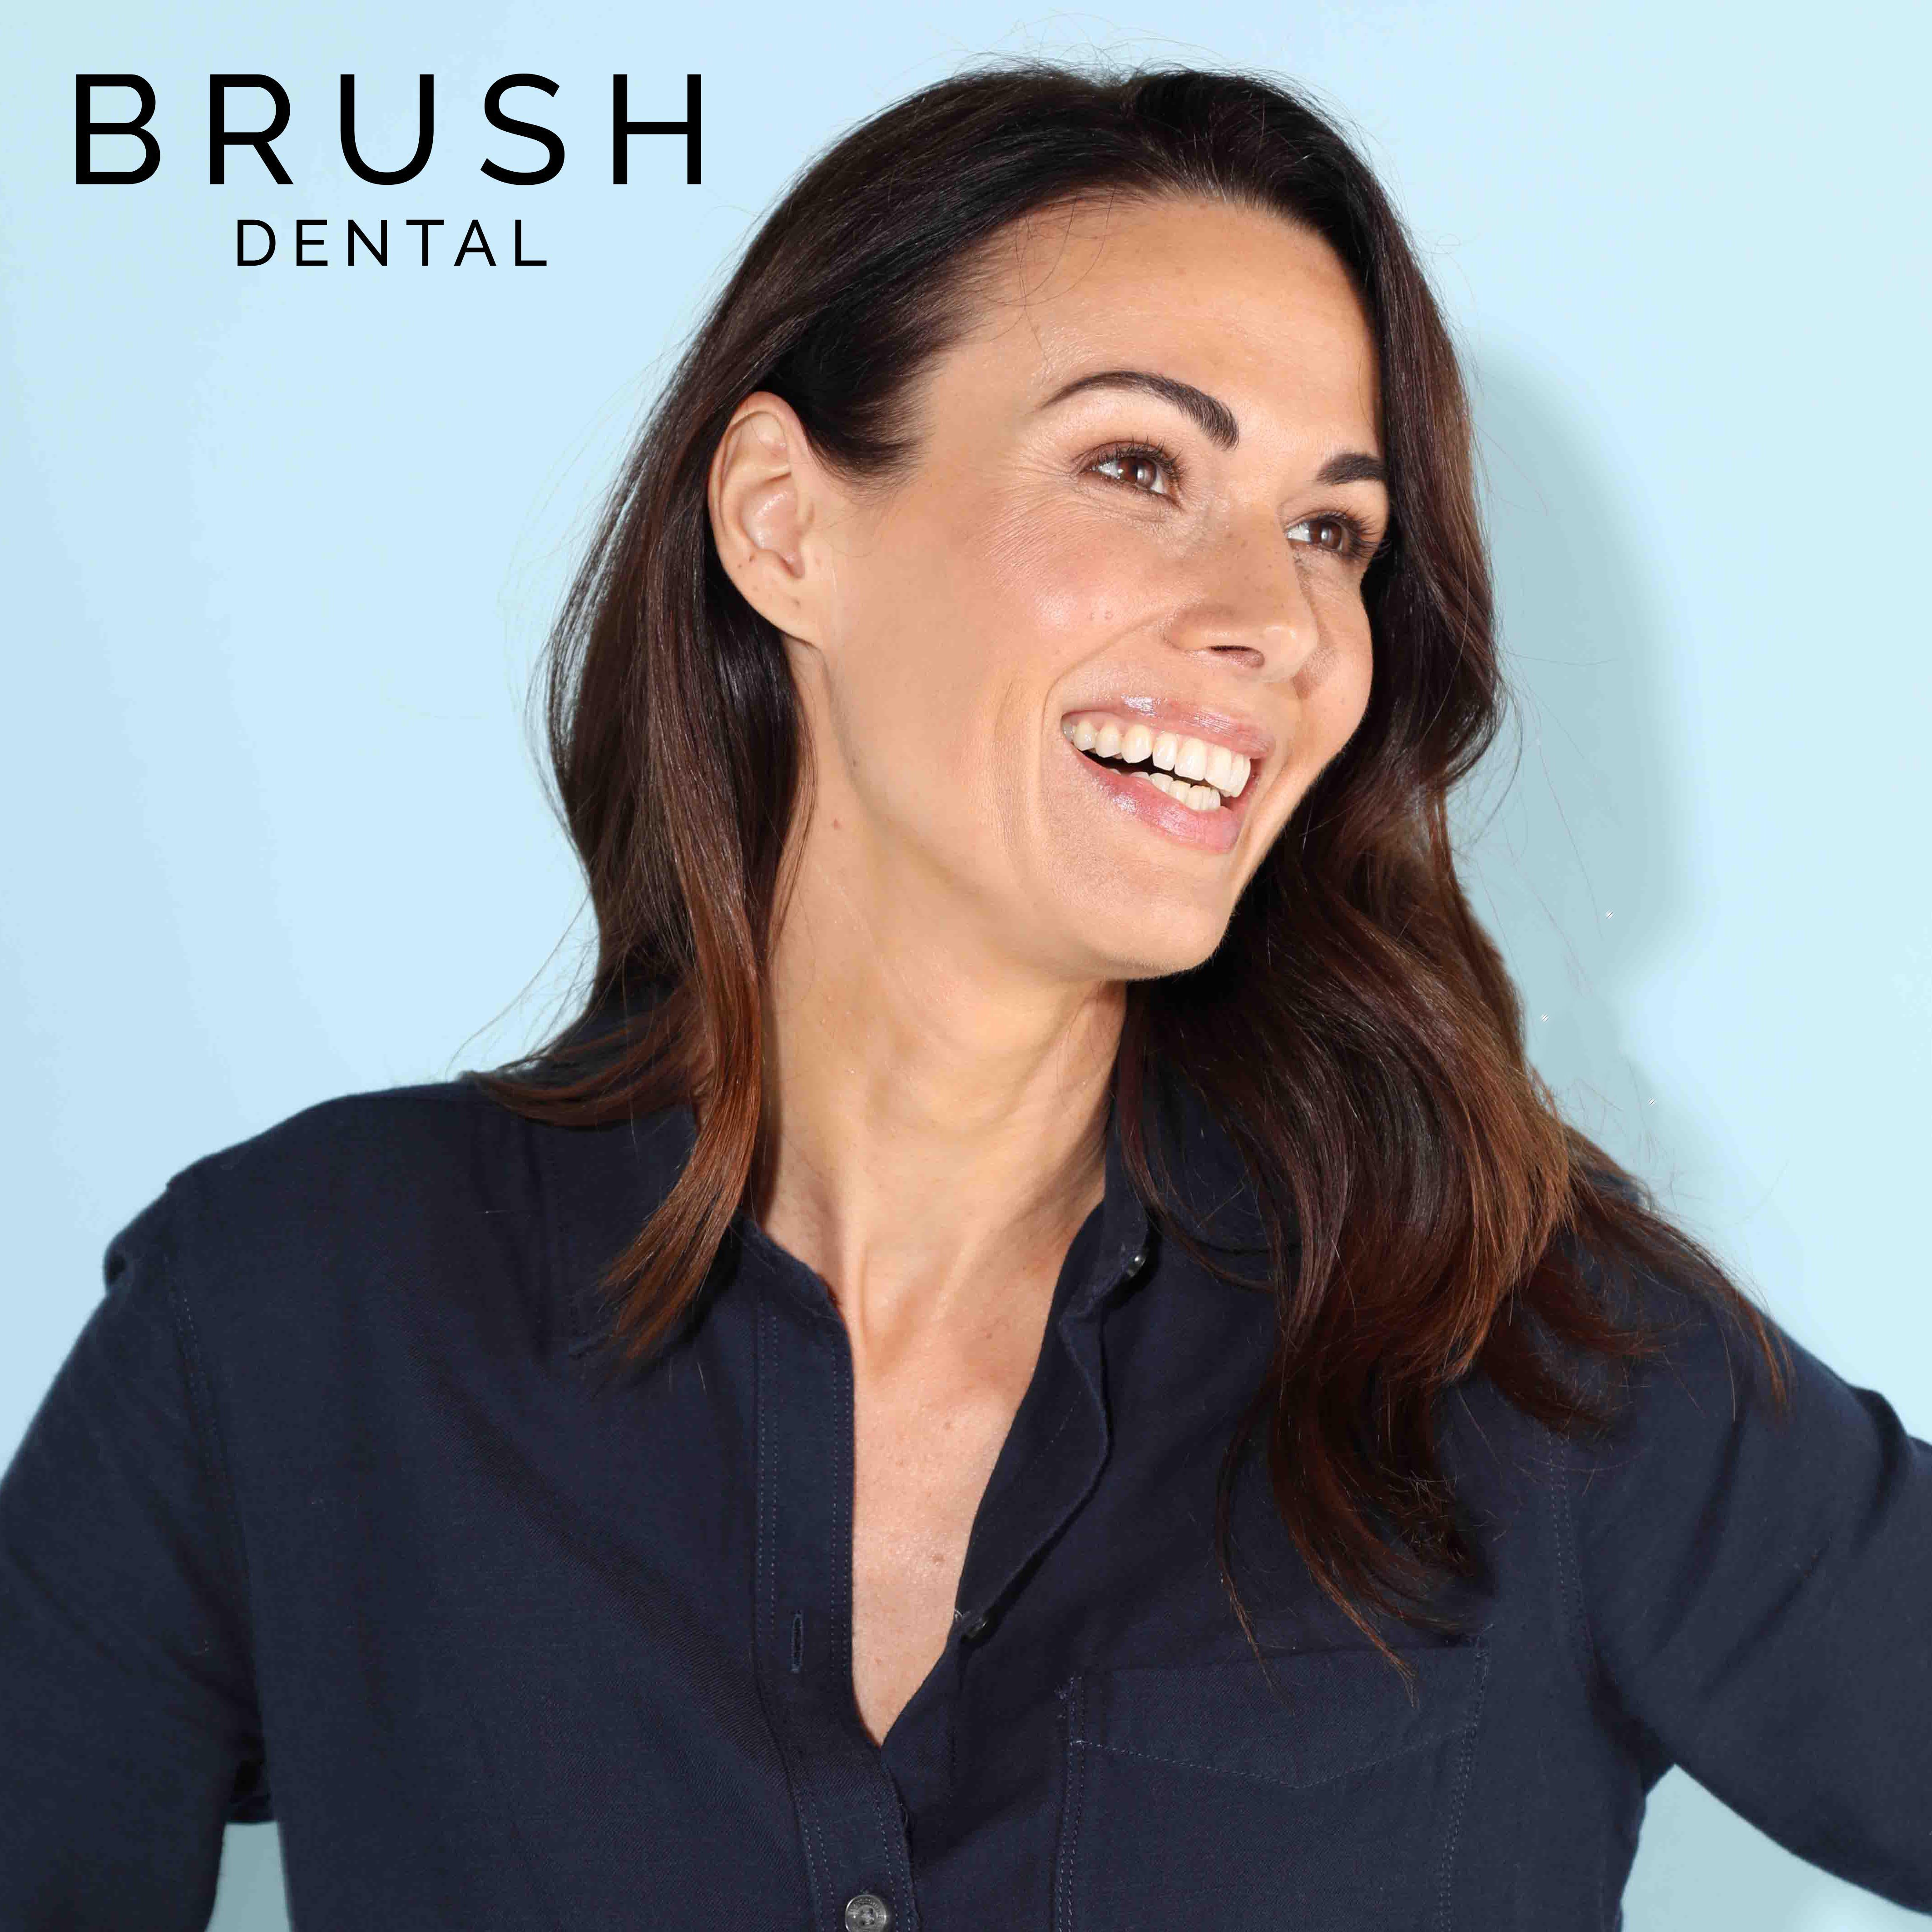 BRUSH Dental